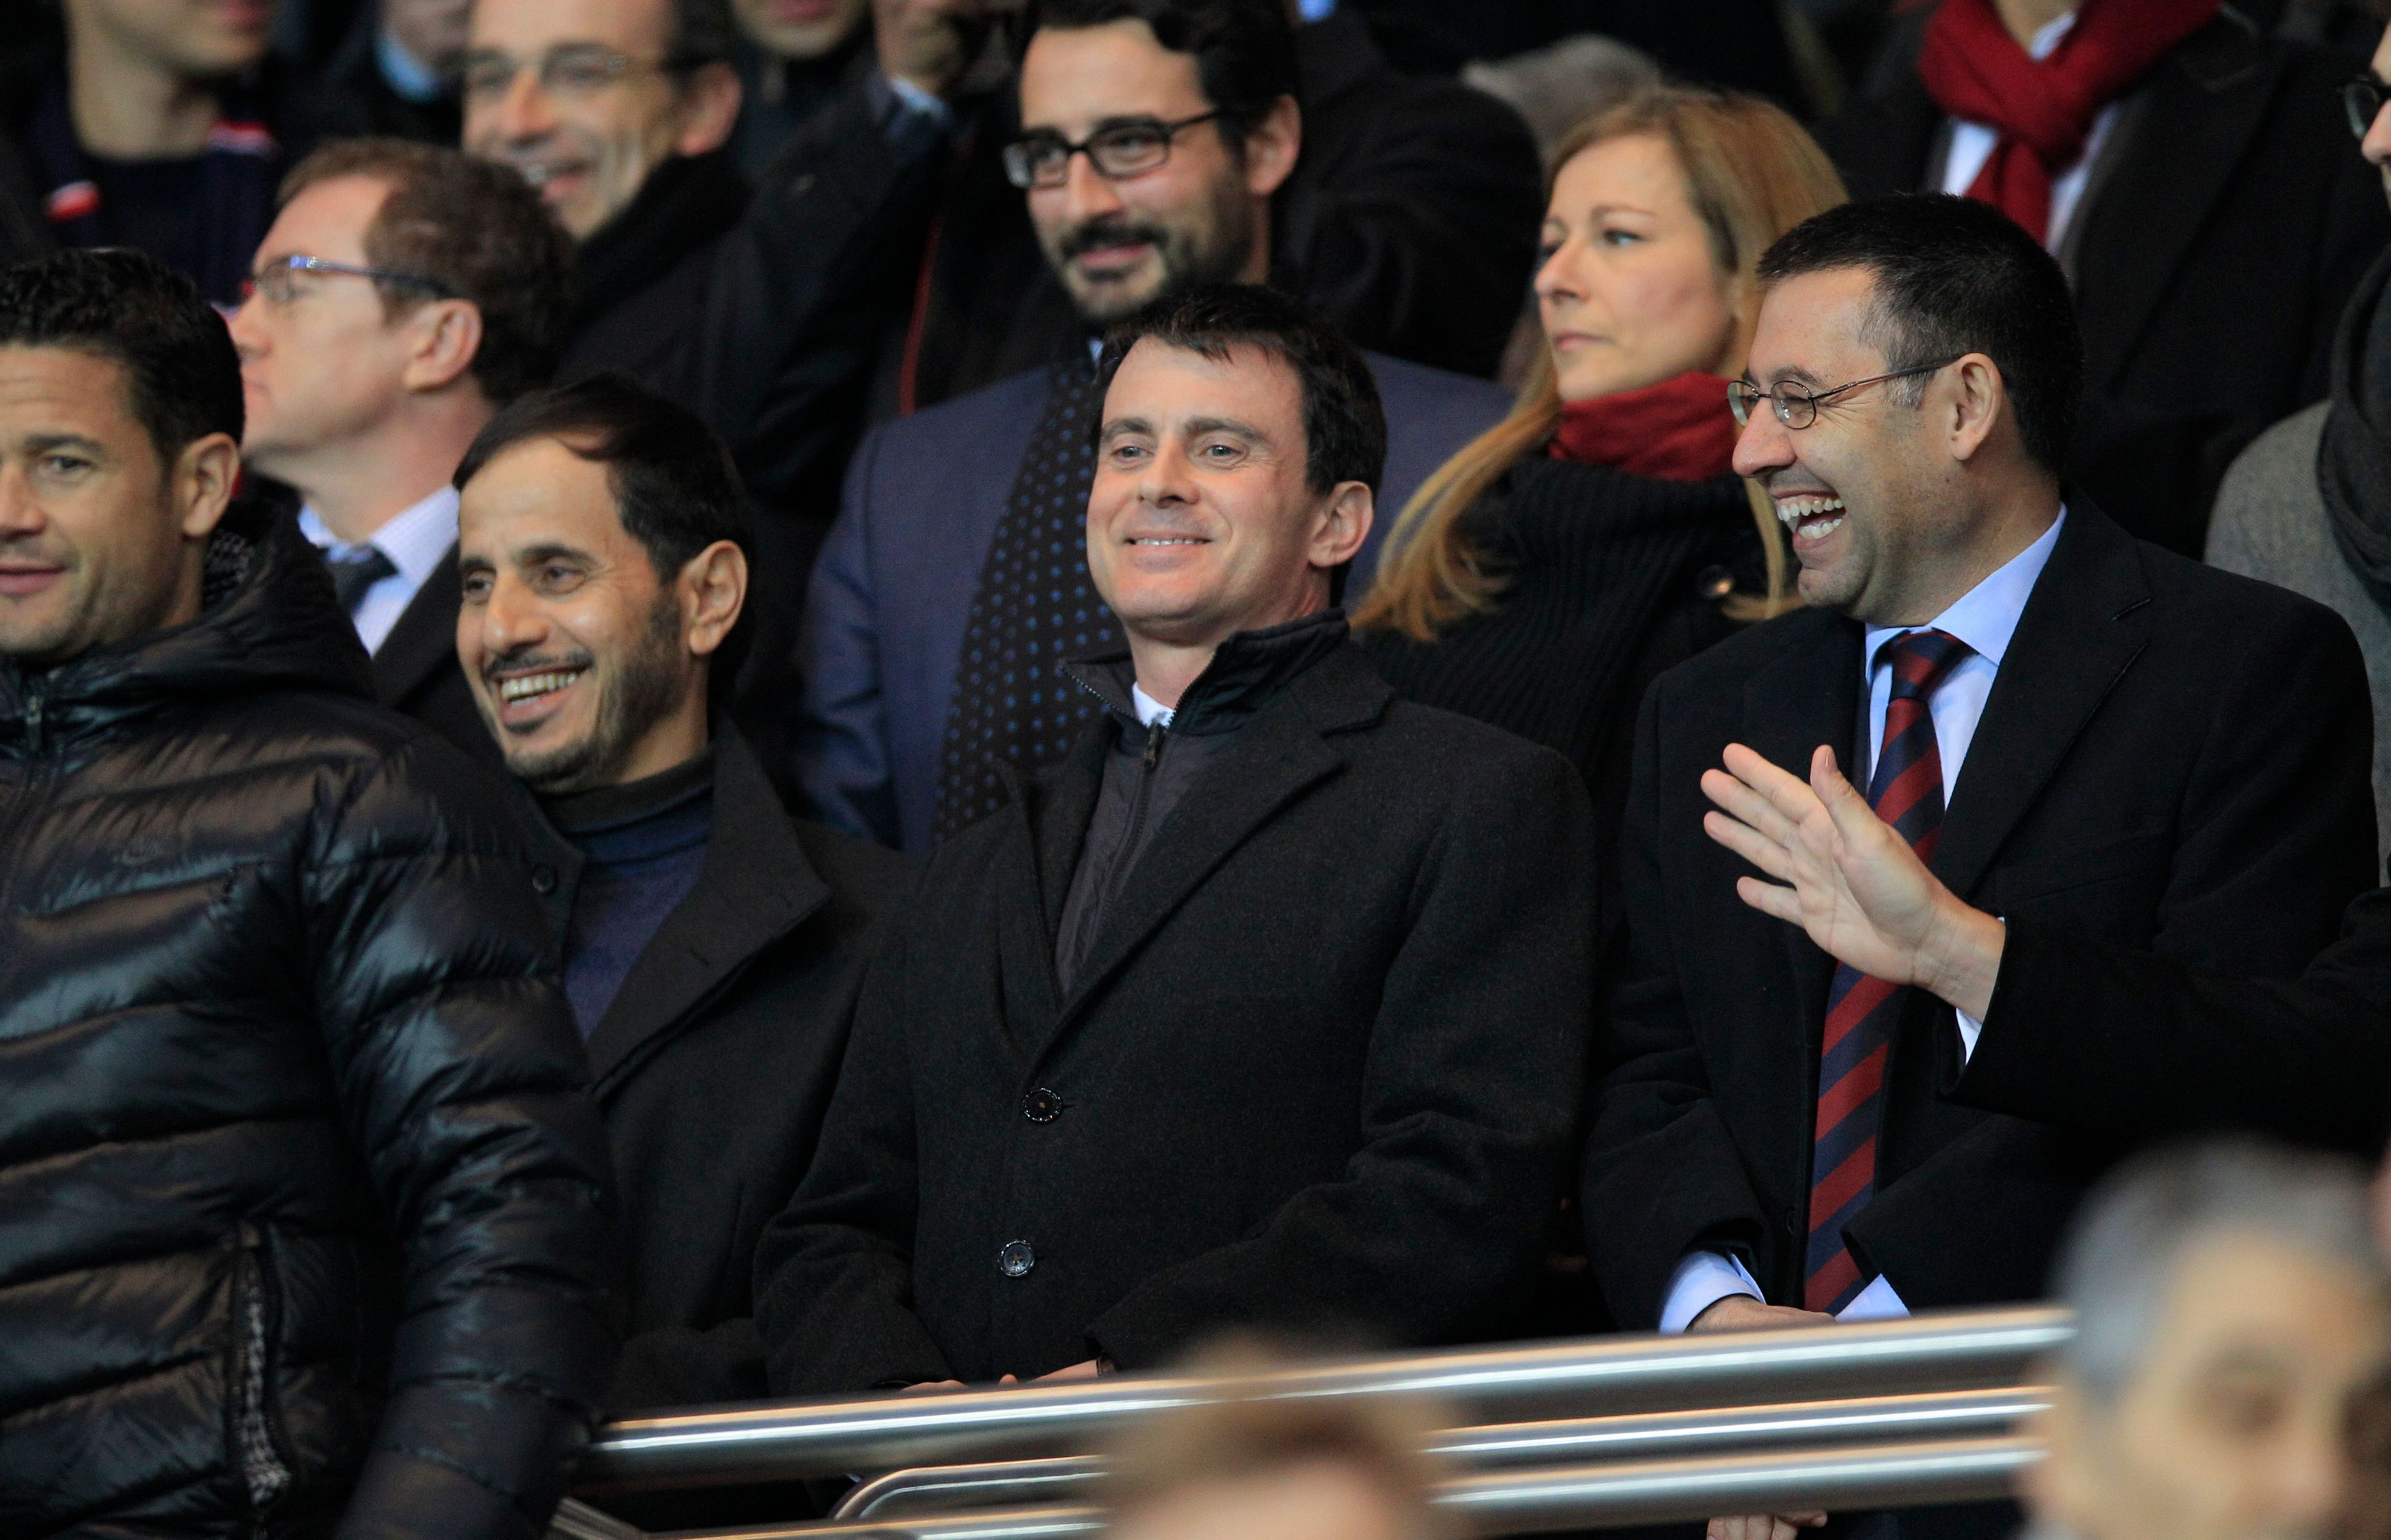 Manuel Valls assistant à un match de foot.